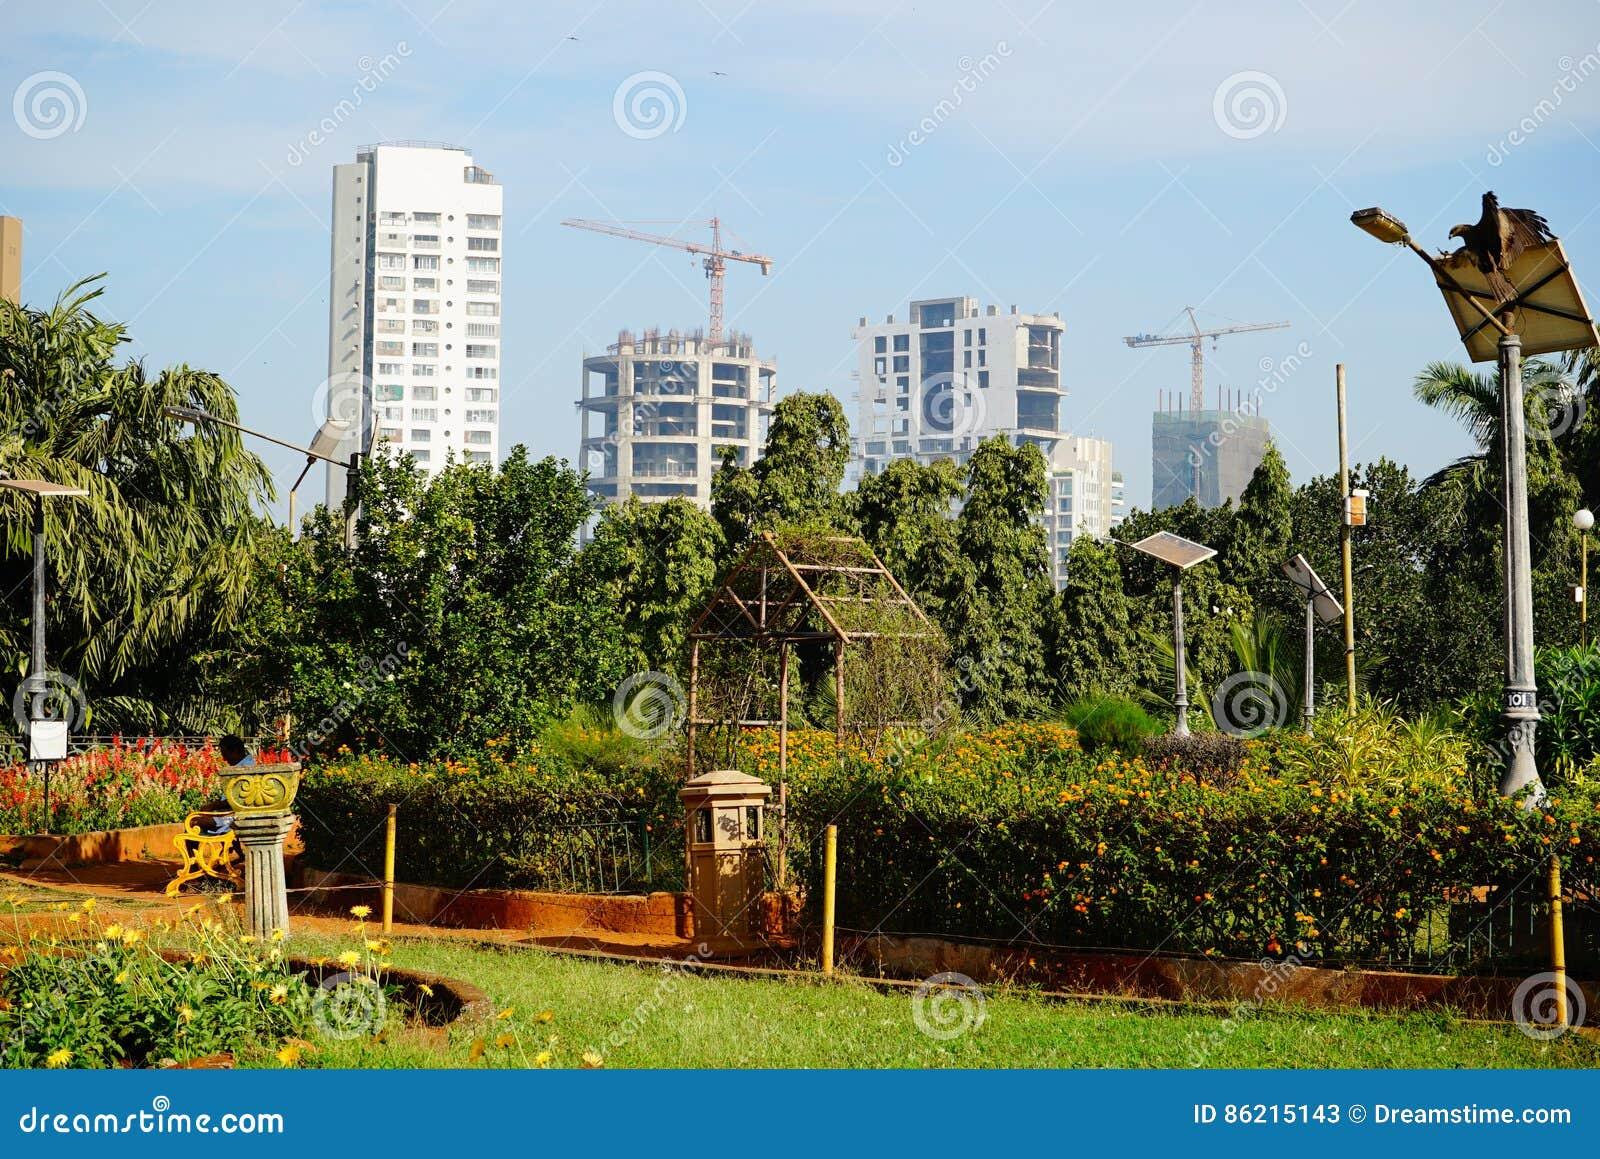 Parc proche en construction de bâtiments résidentiels